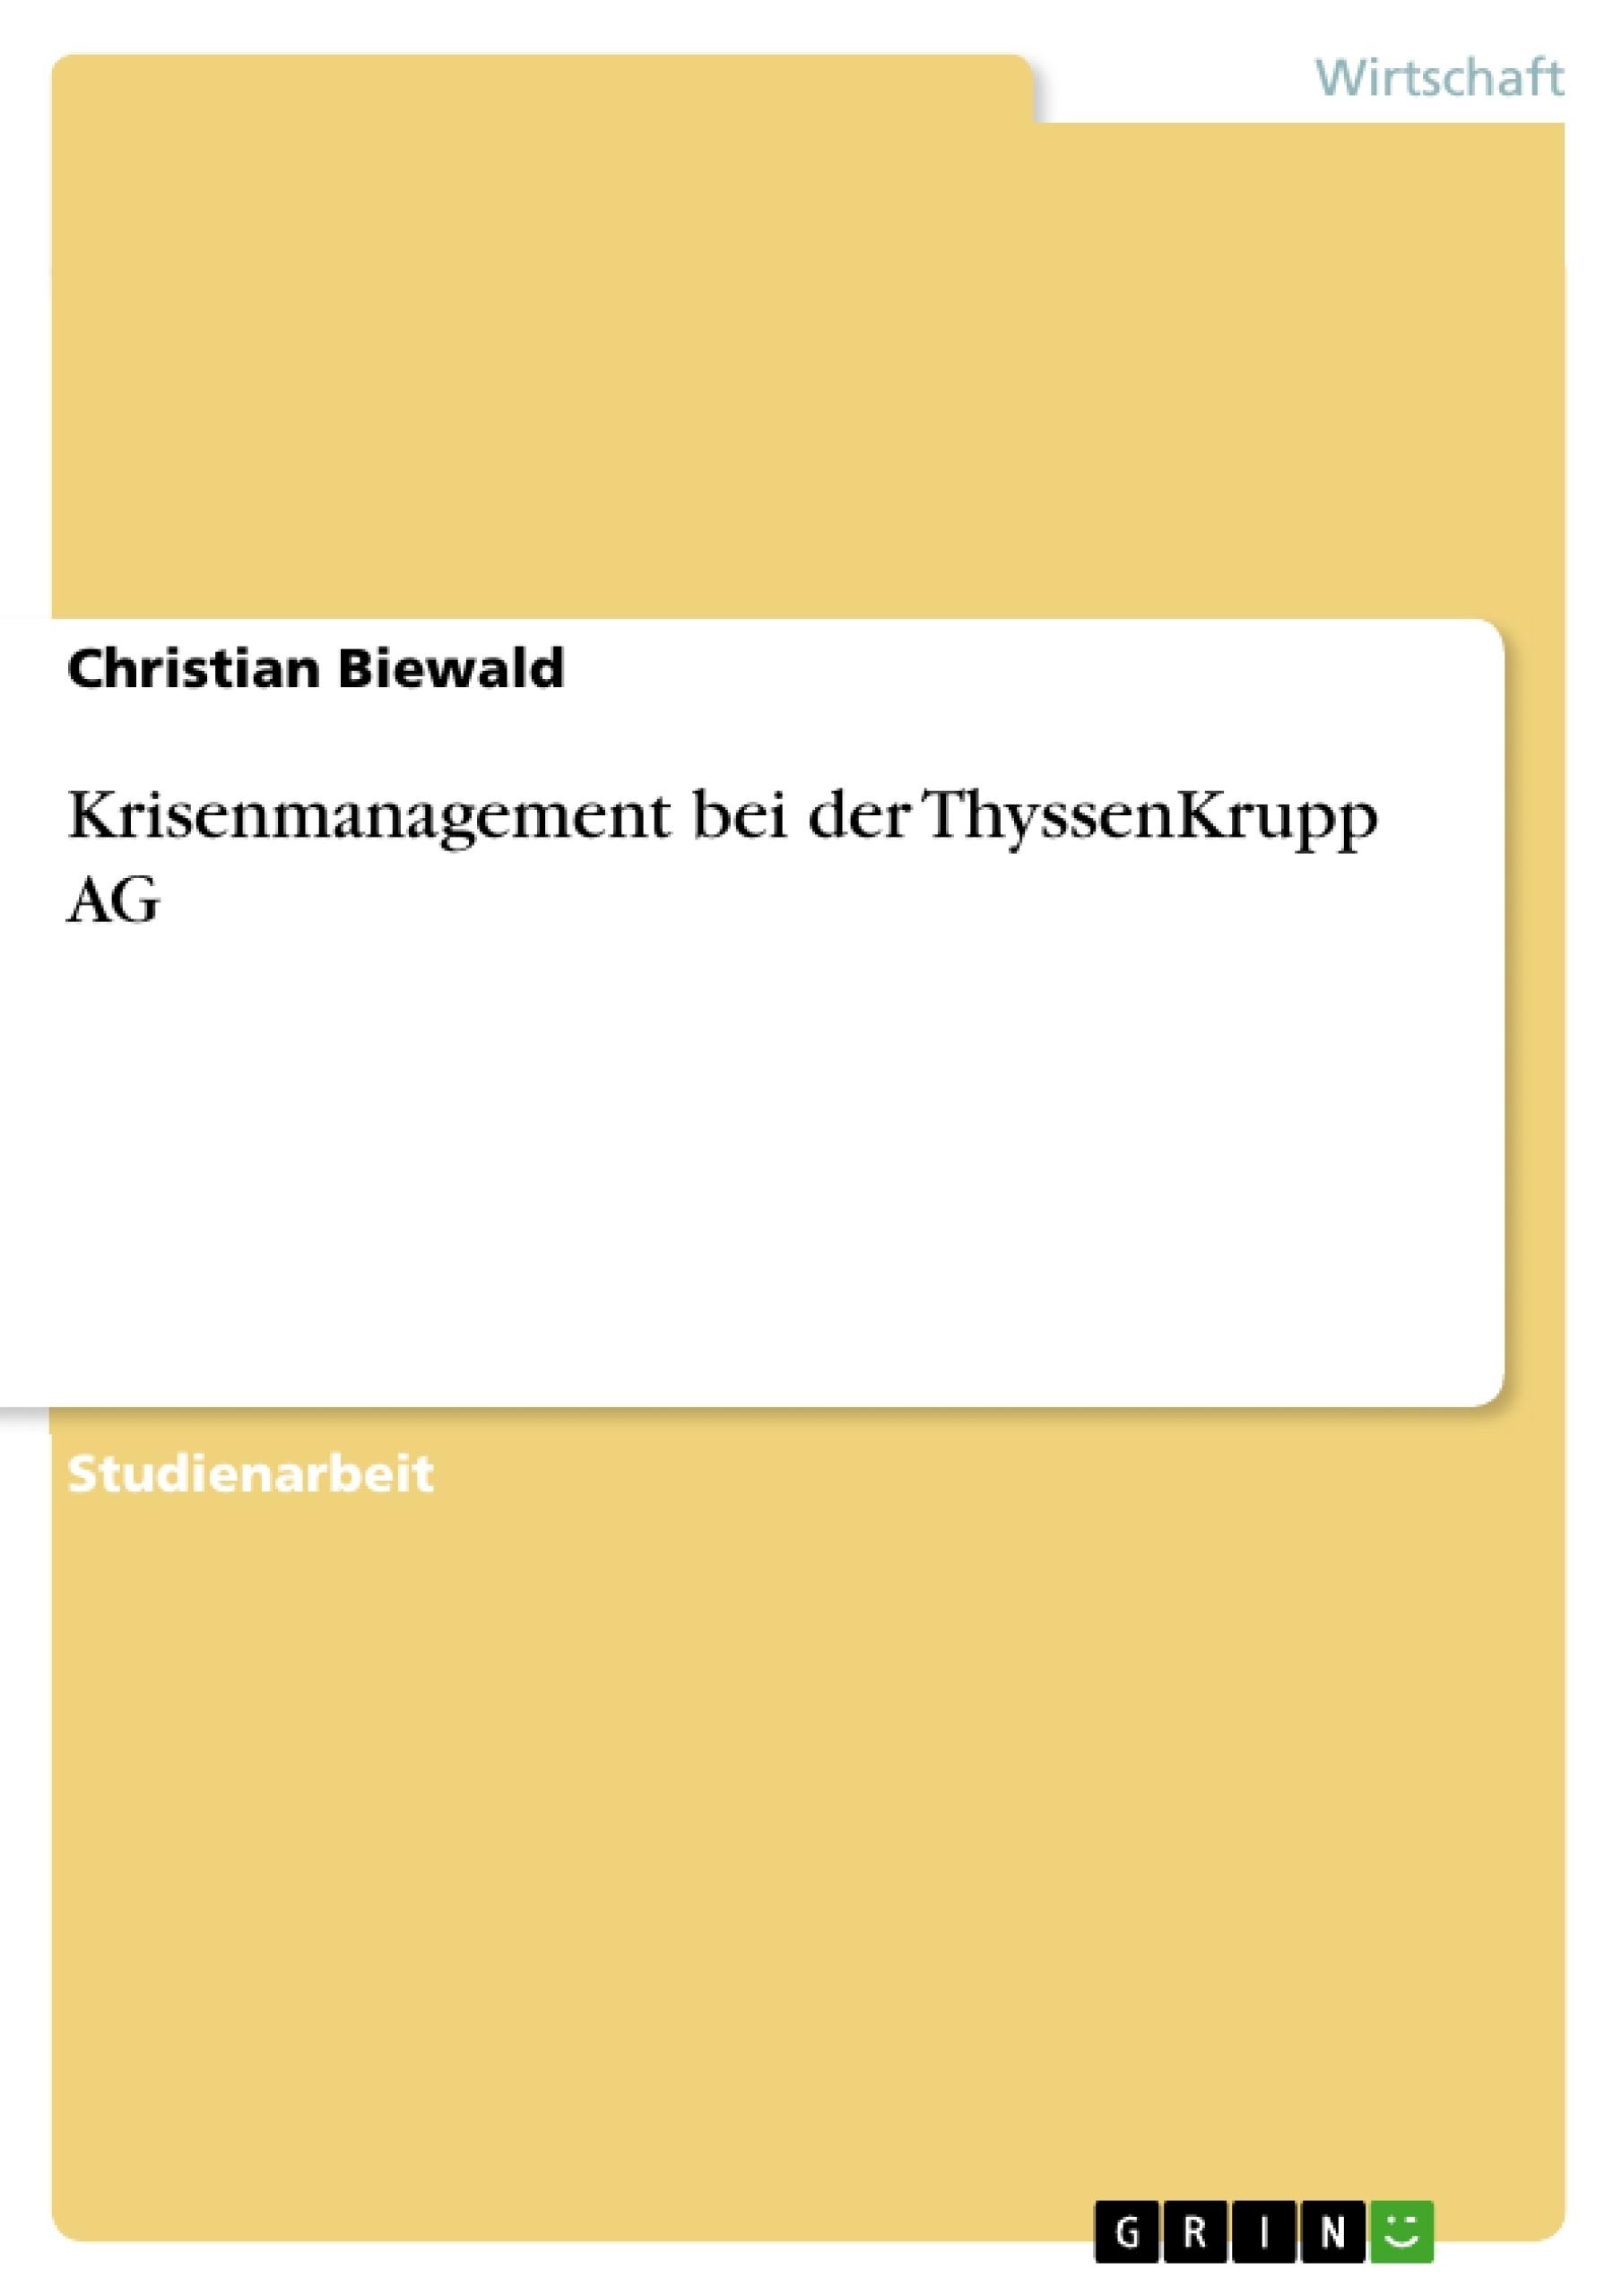 Titel: Krisenmanagement bei der ThyssenKrupp AG